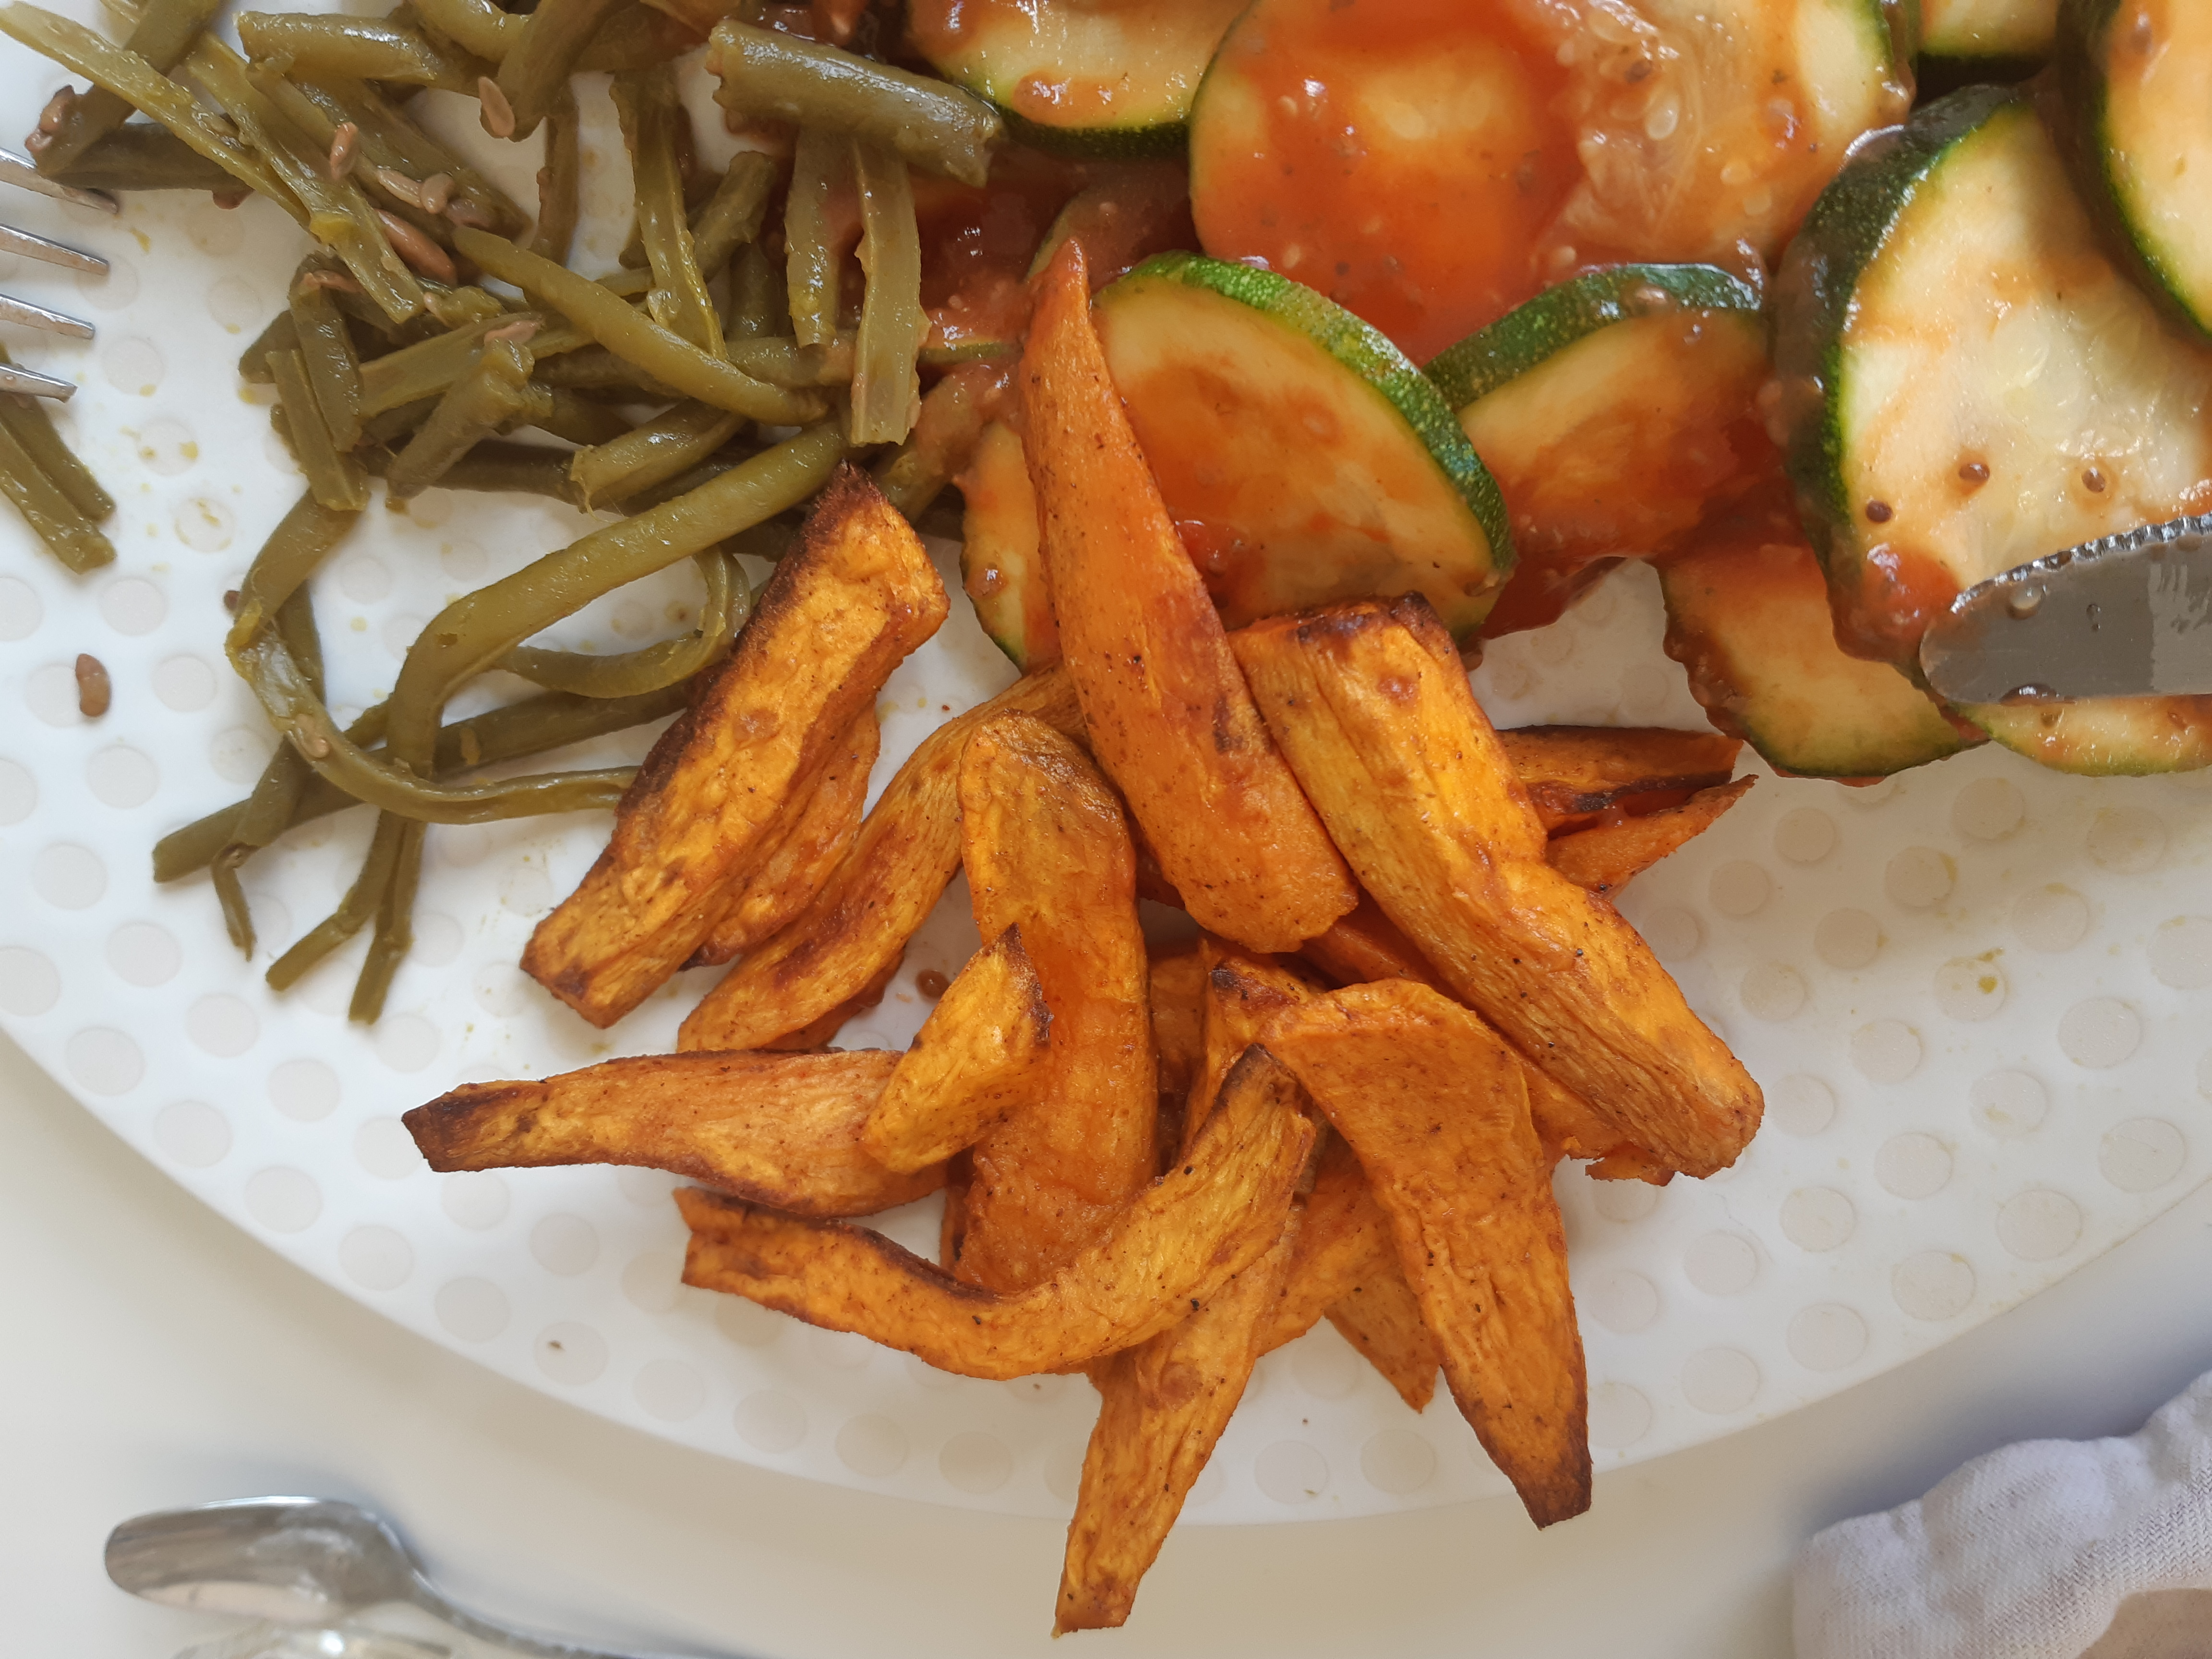 Patates douces rôties au four avec l'huile infusée à l'ail la tourangelle